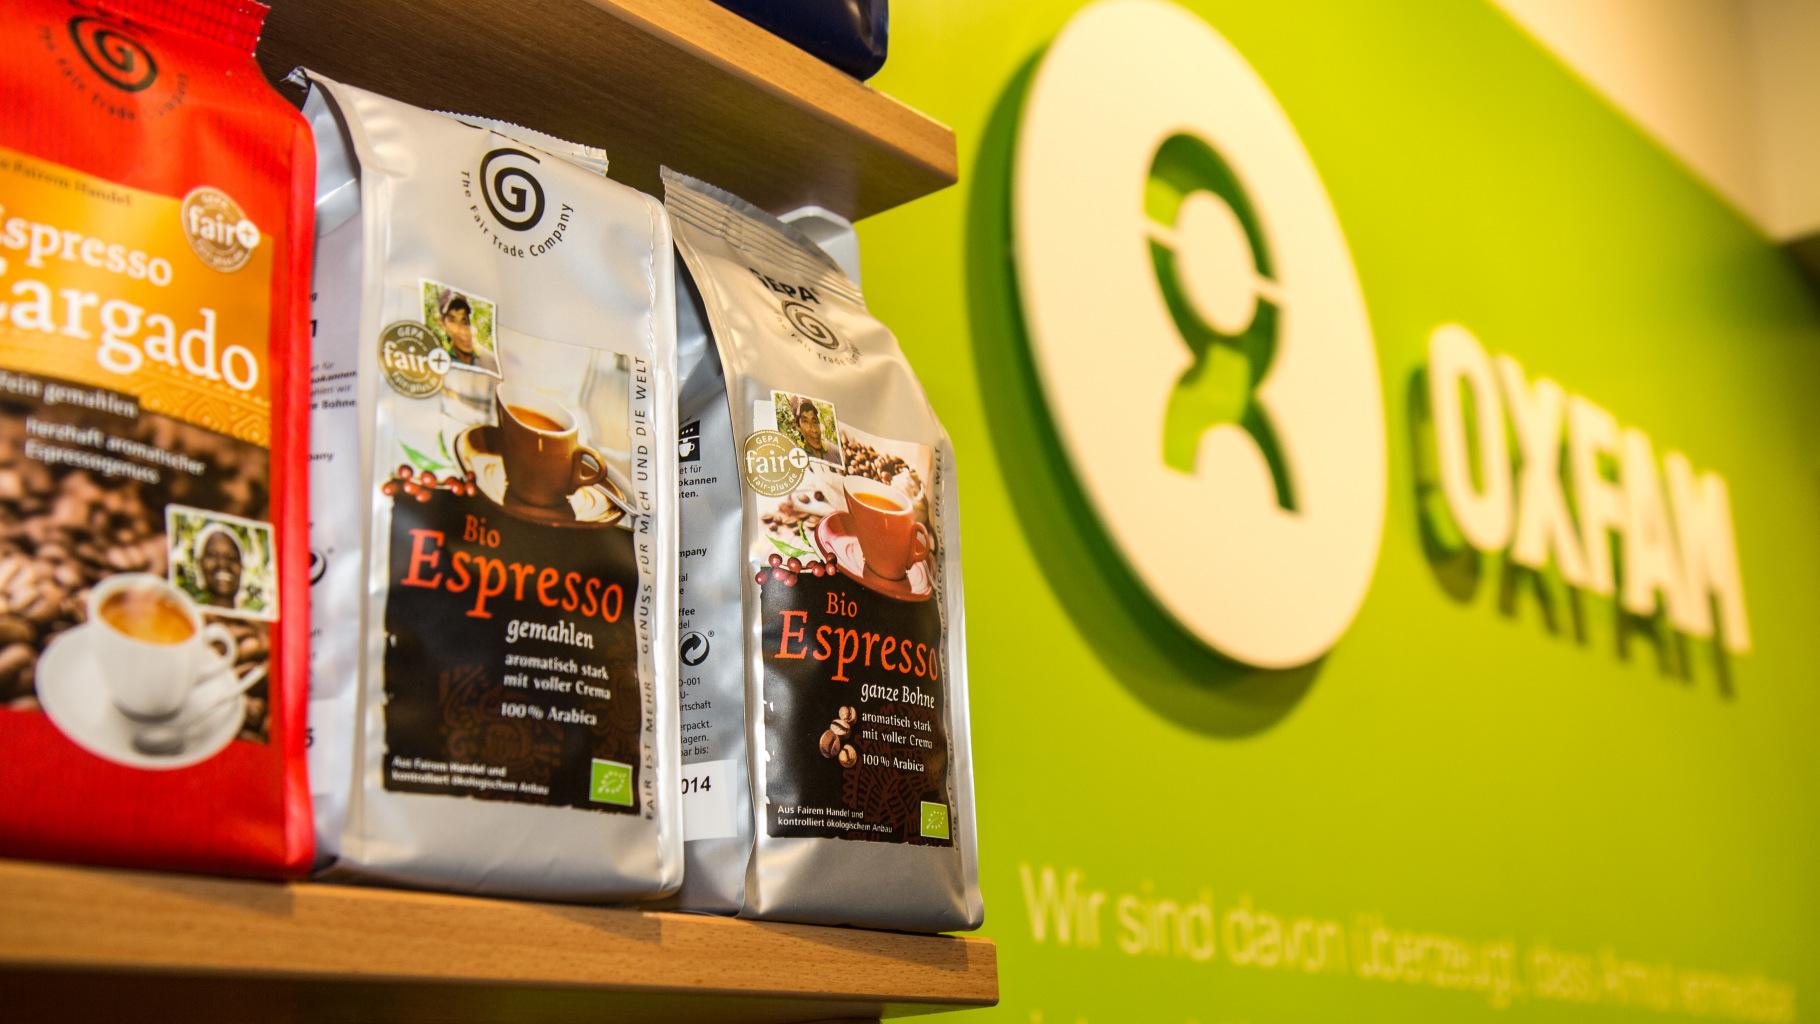 Kaffee aus fairem Handel im Oxfam Shop